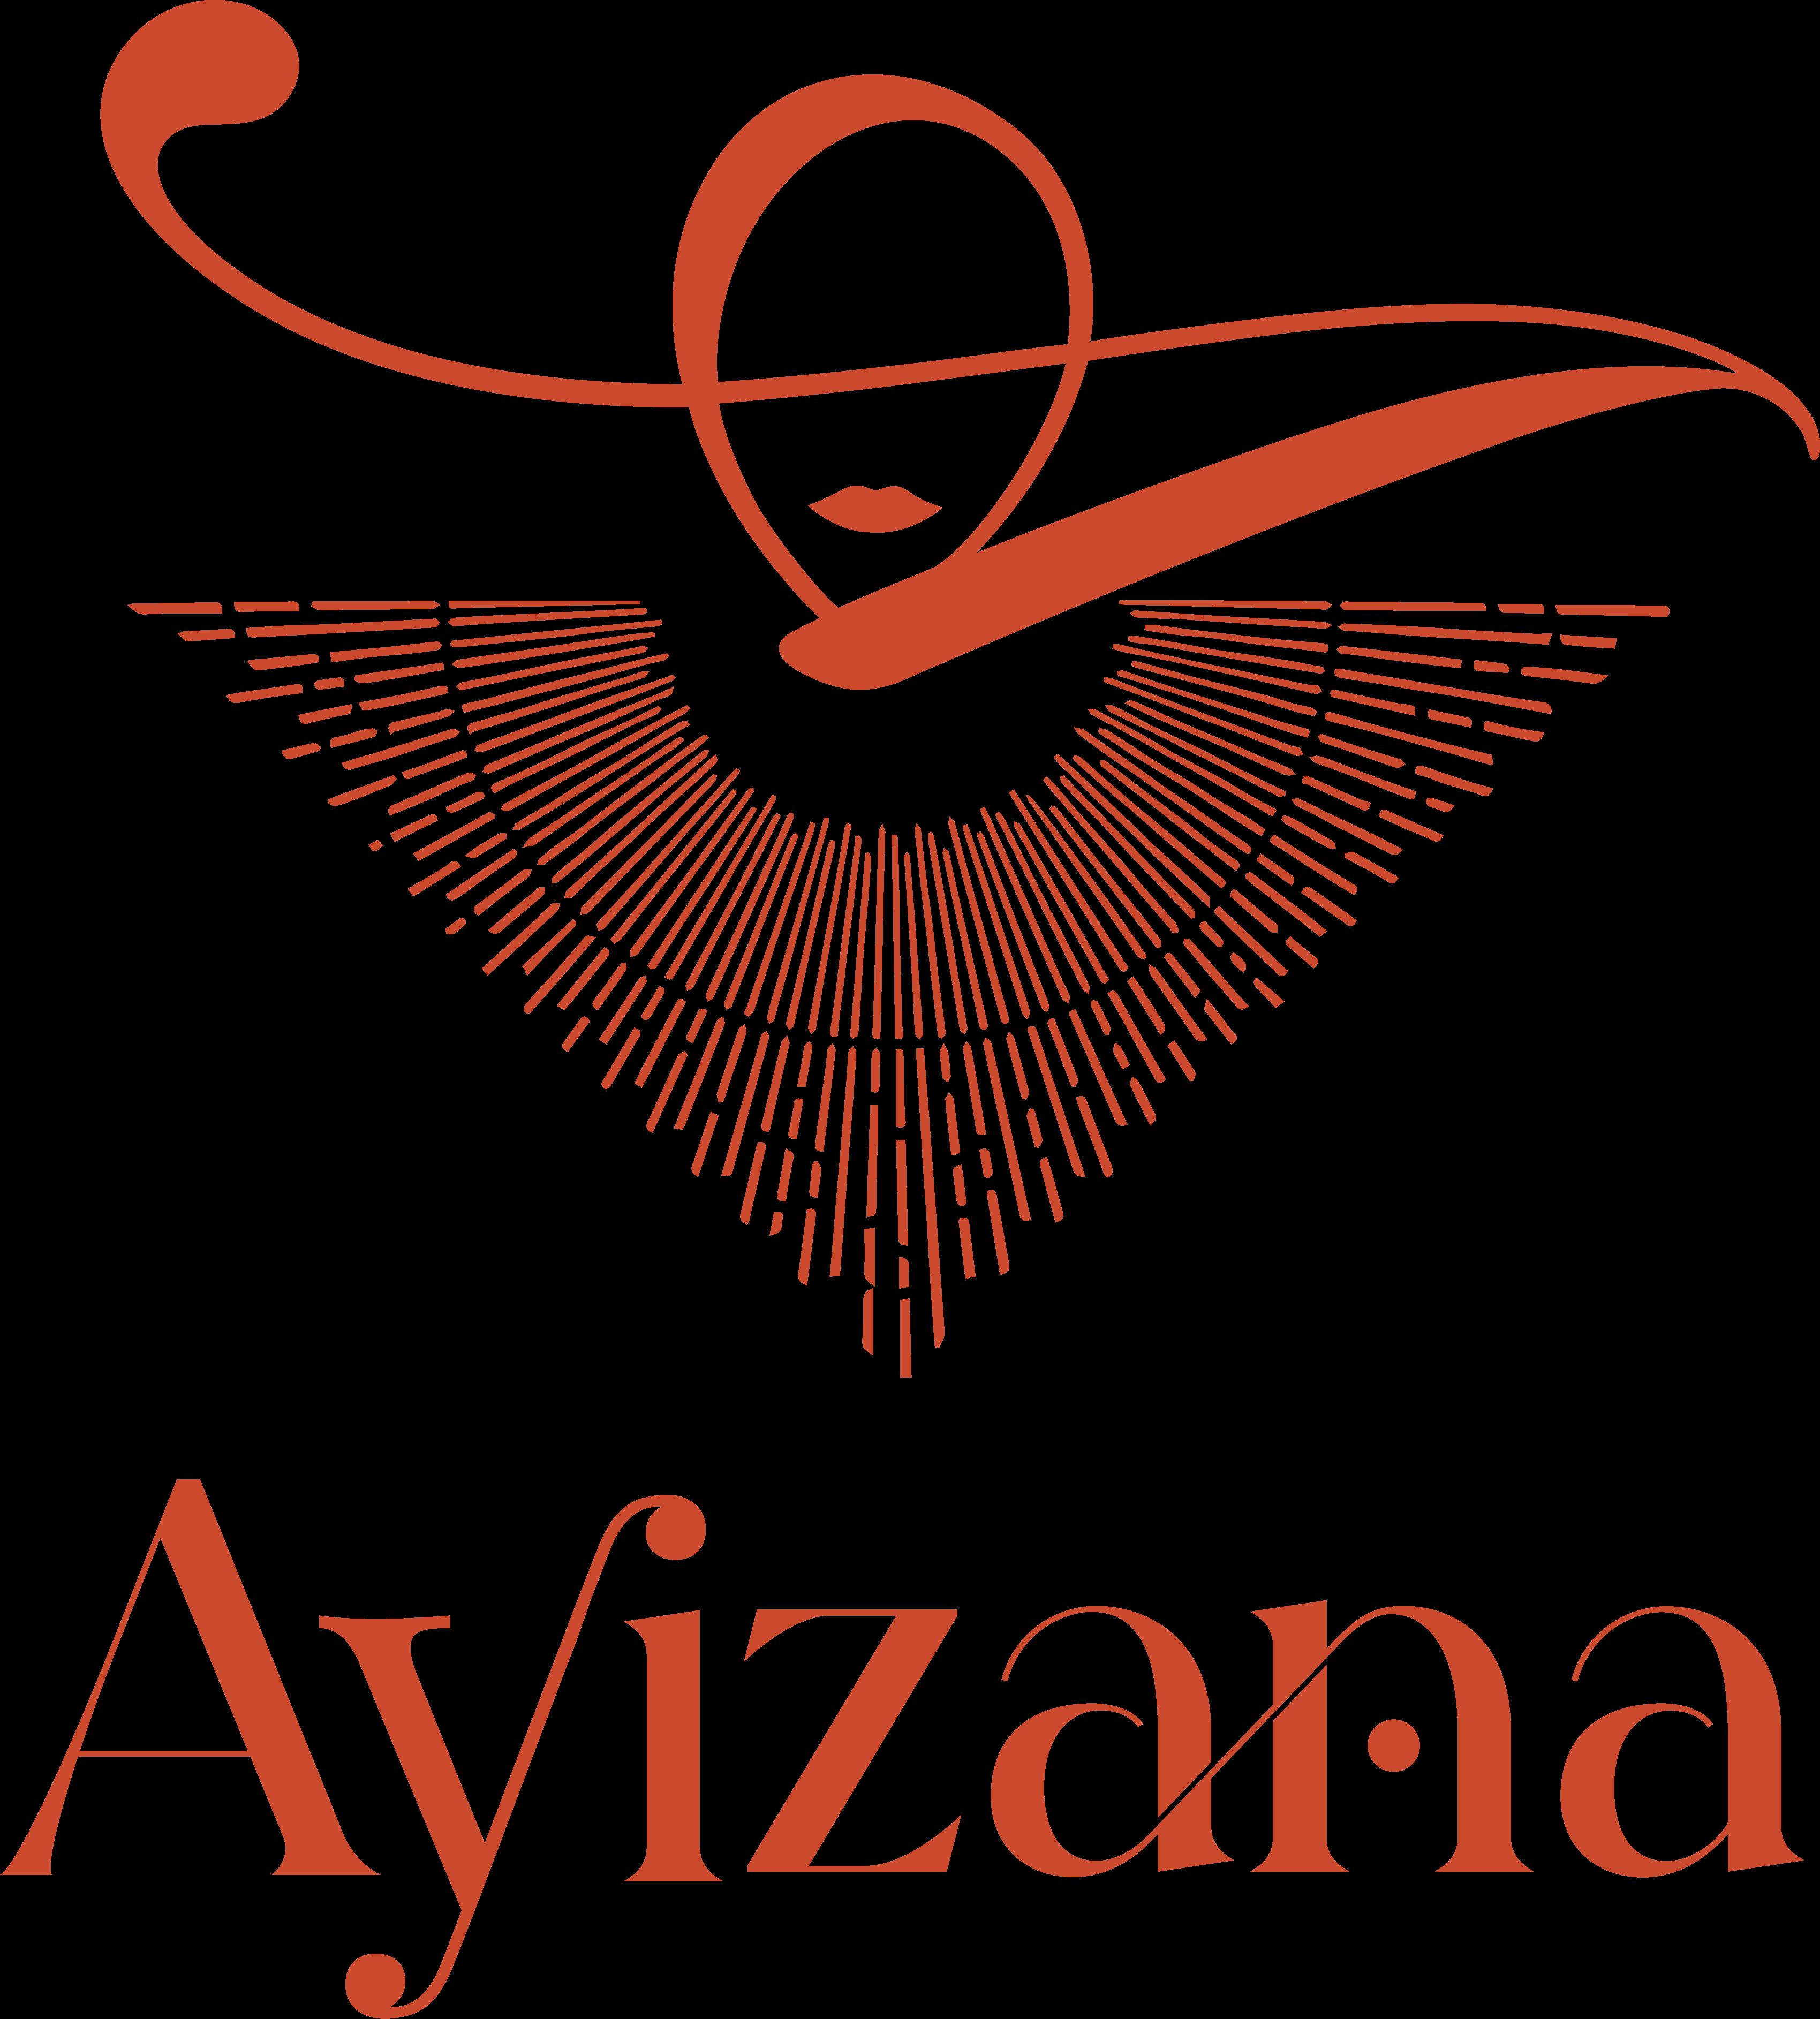 AYIZANA